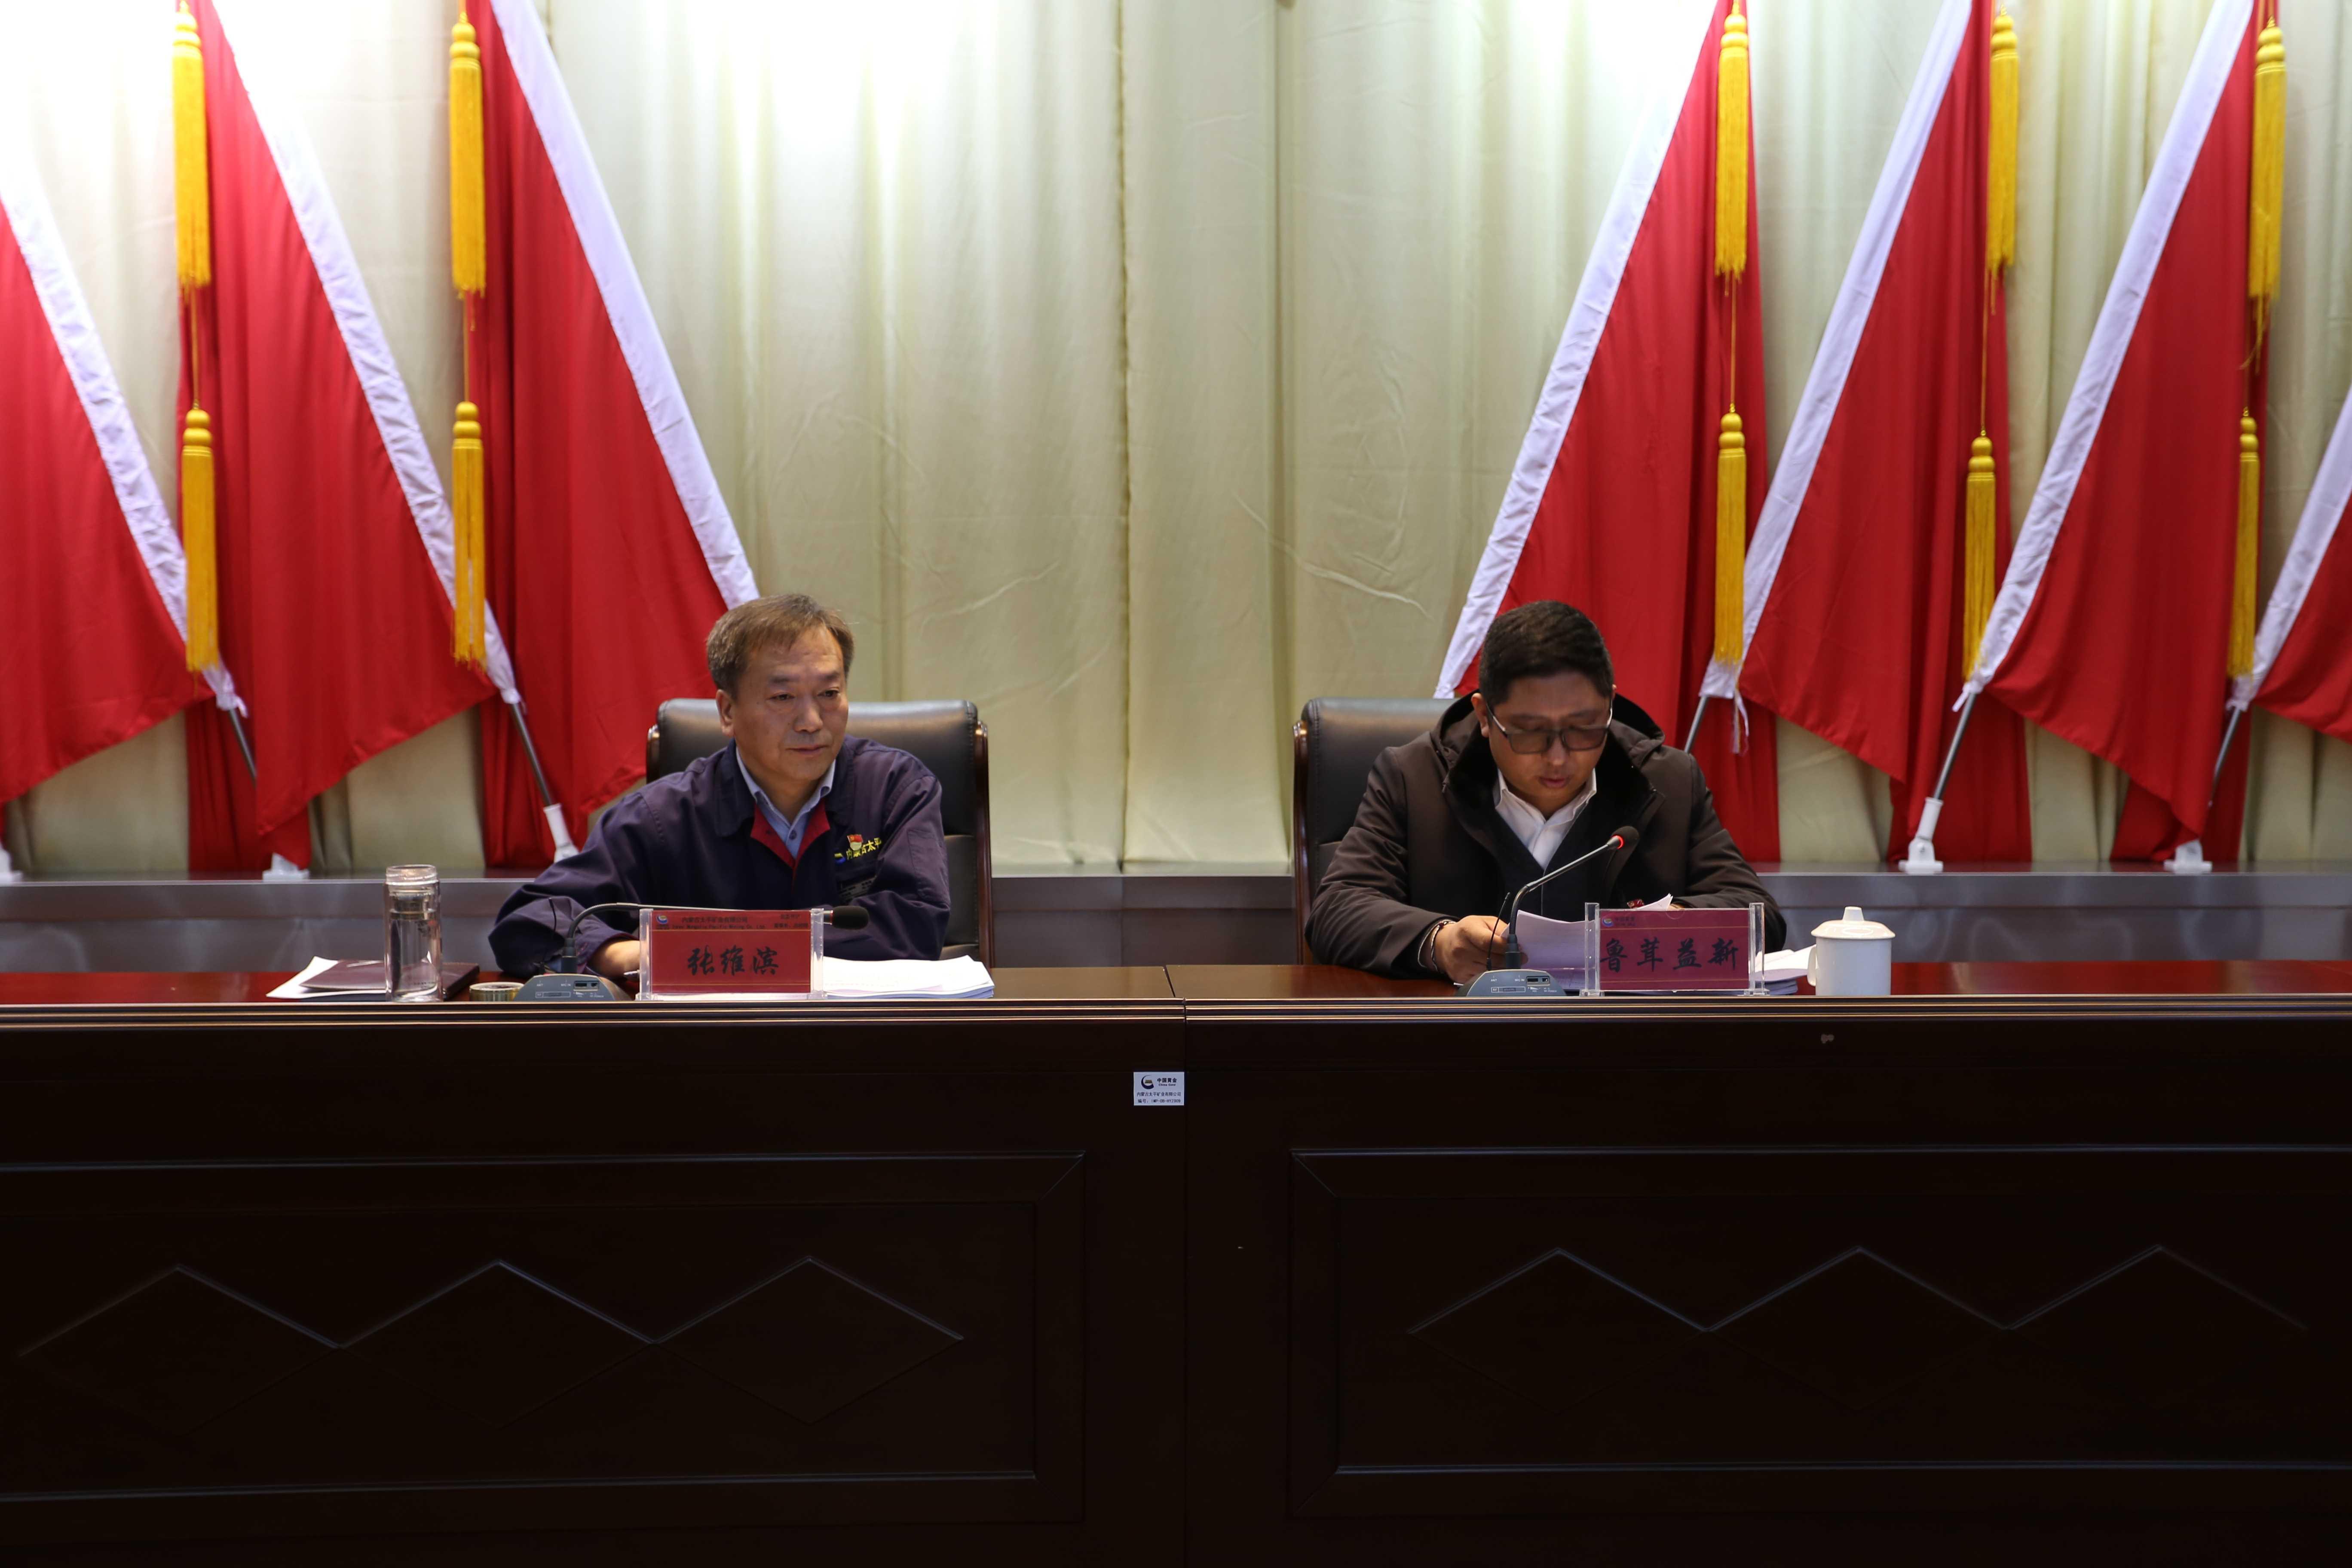 黨建考核照片-西藏華泰龍公司黨委副書記、工會主席魯茸益新代表中金香港考核組主持會議